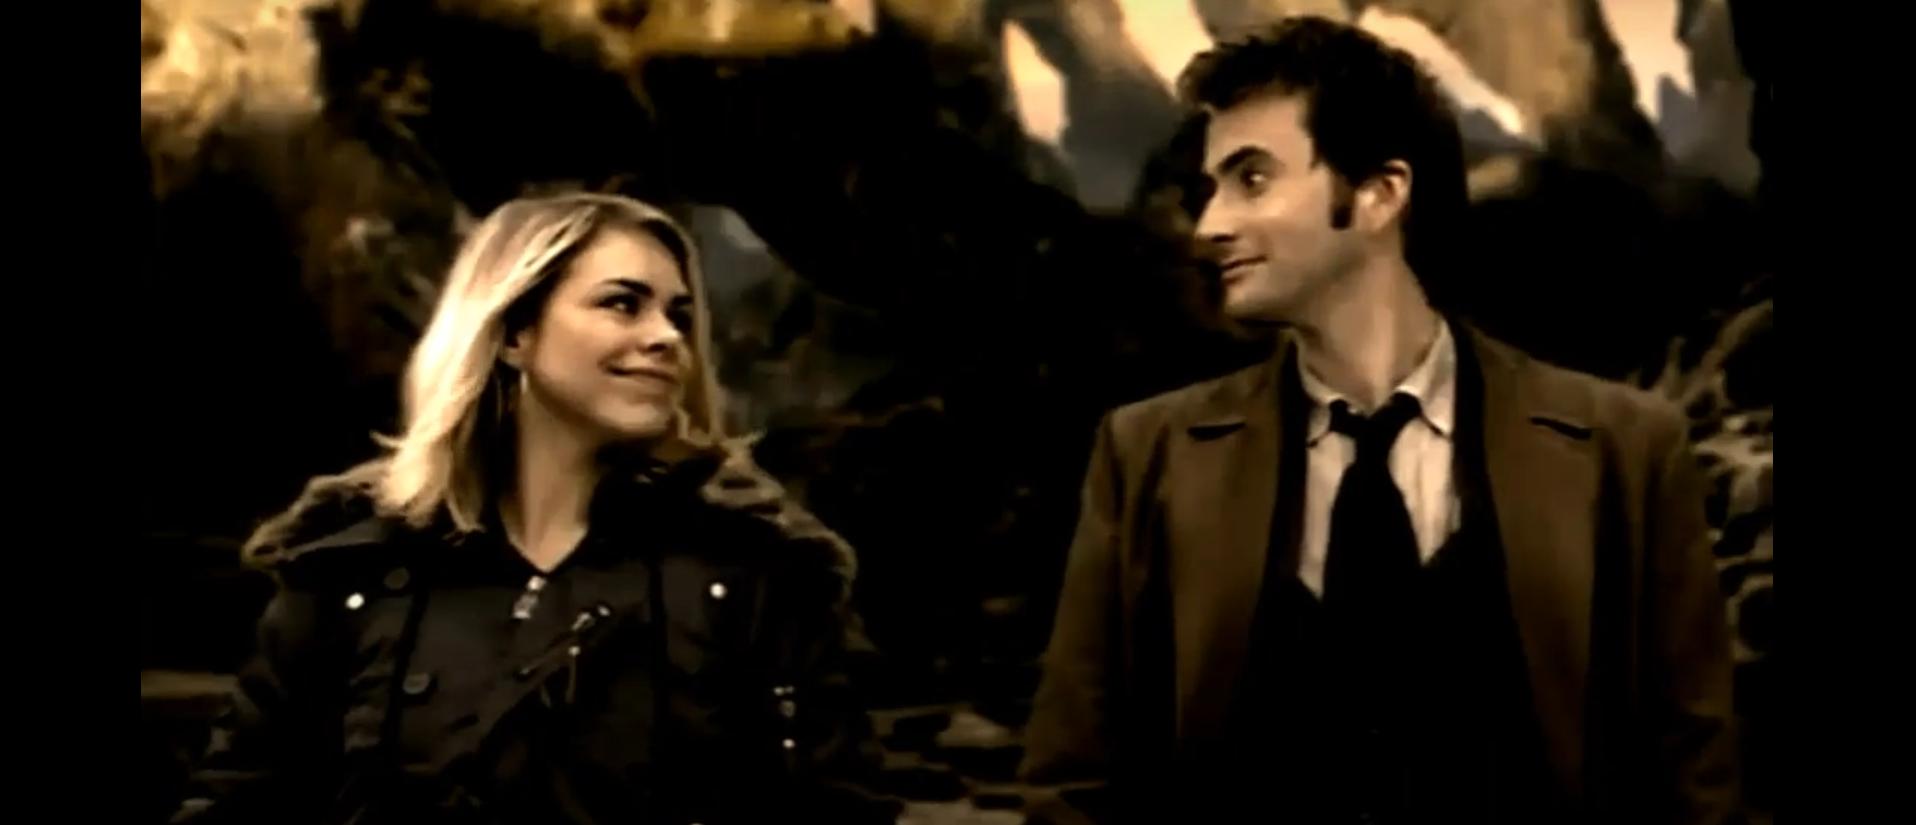 Кадр из сериала Доктор Кто Доктор и Роза